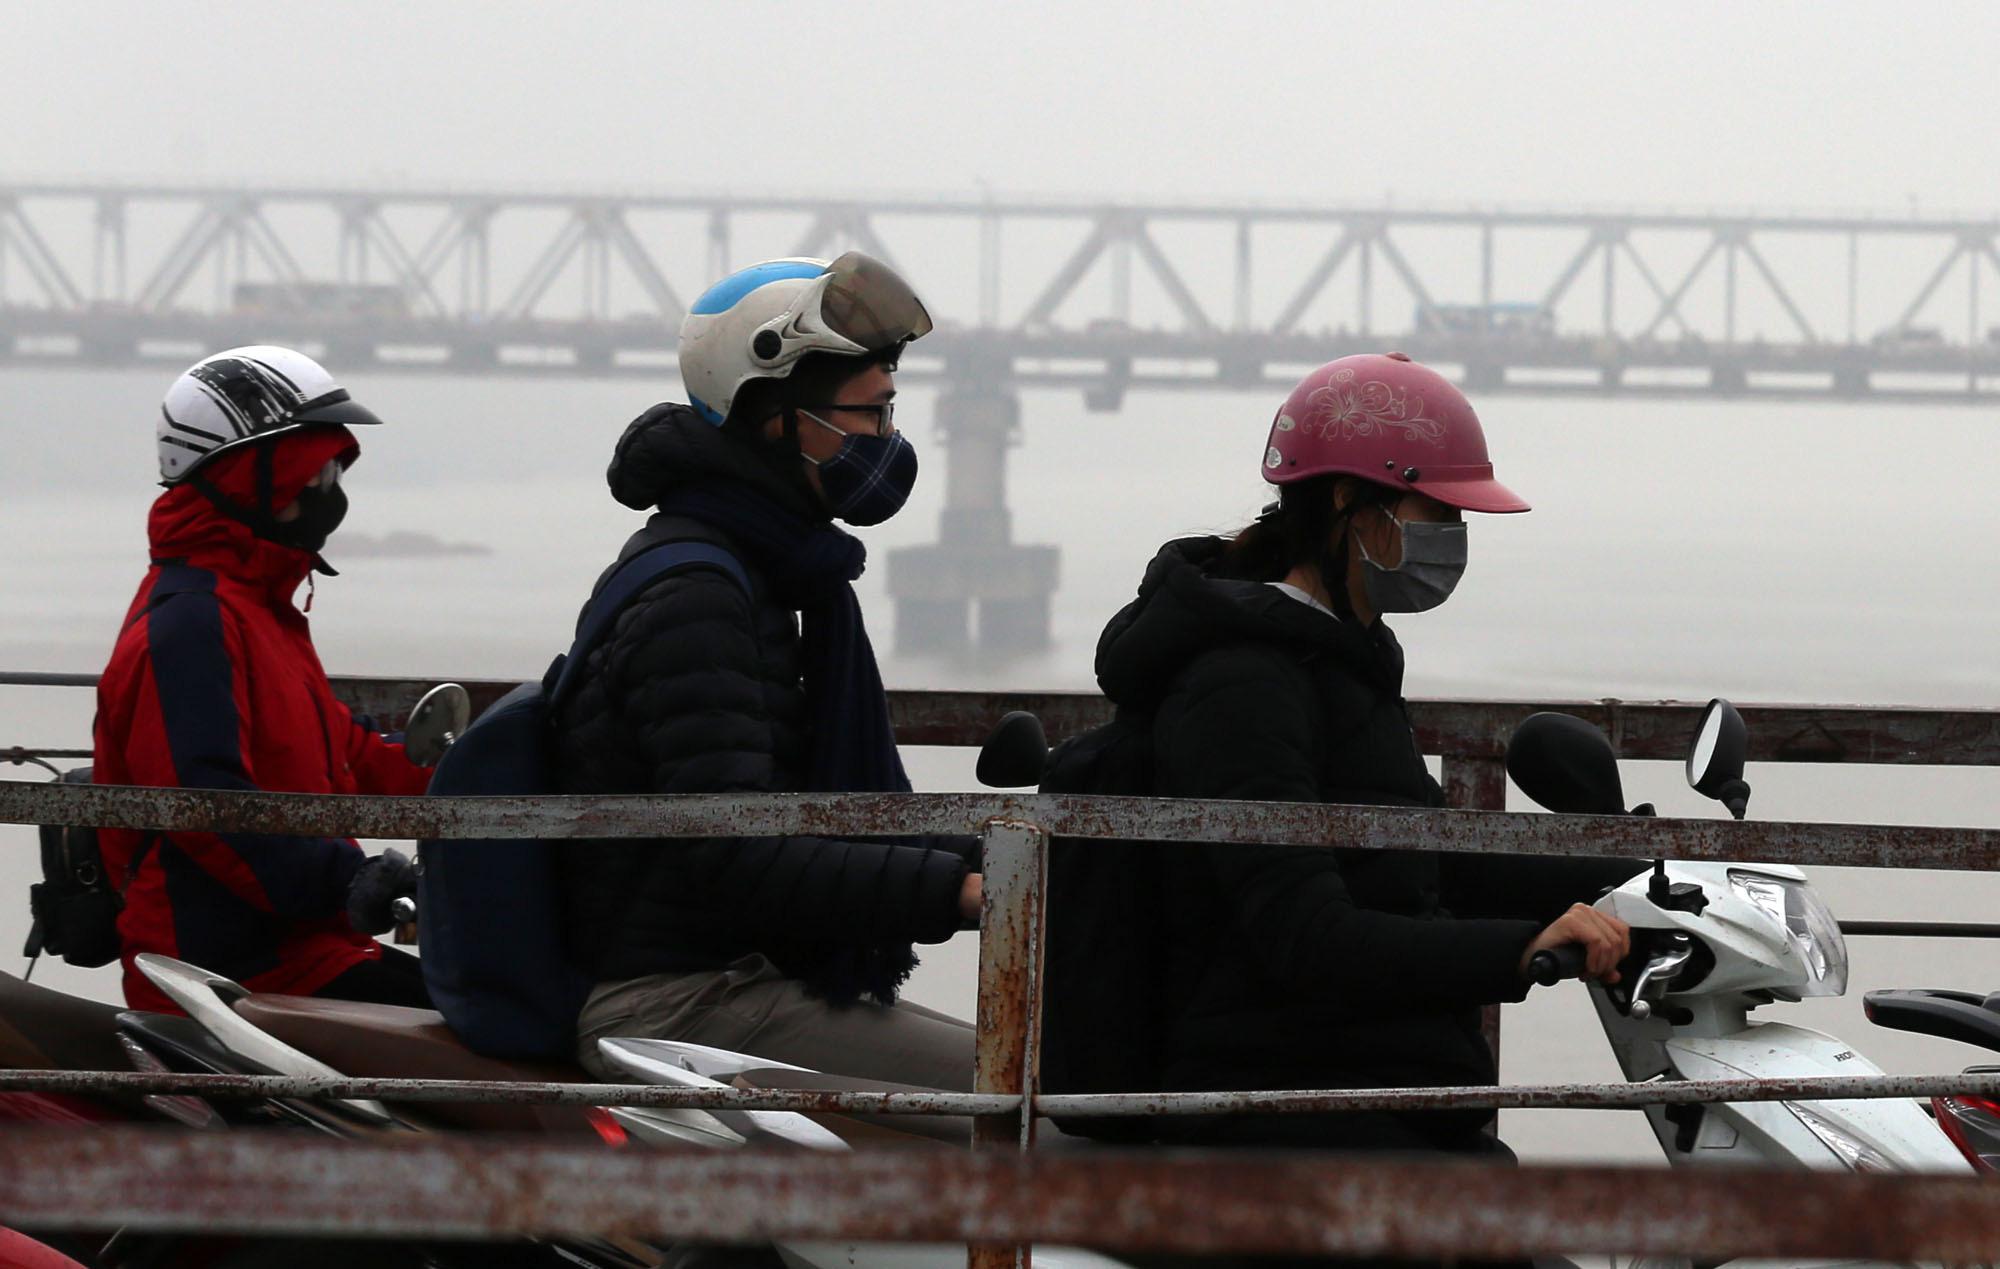 Ùn tắc và ô nhiễm không khí ở Hà Nội: Hạn chế xe cá nhân vẫn là 'bài toán' nhạy cảm - Ảnh 1.